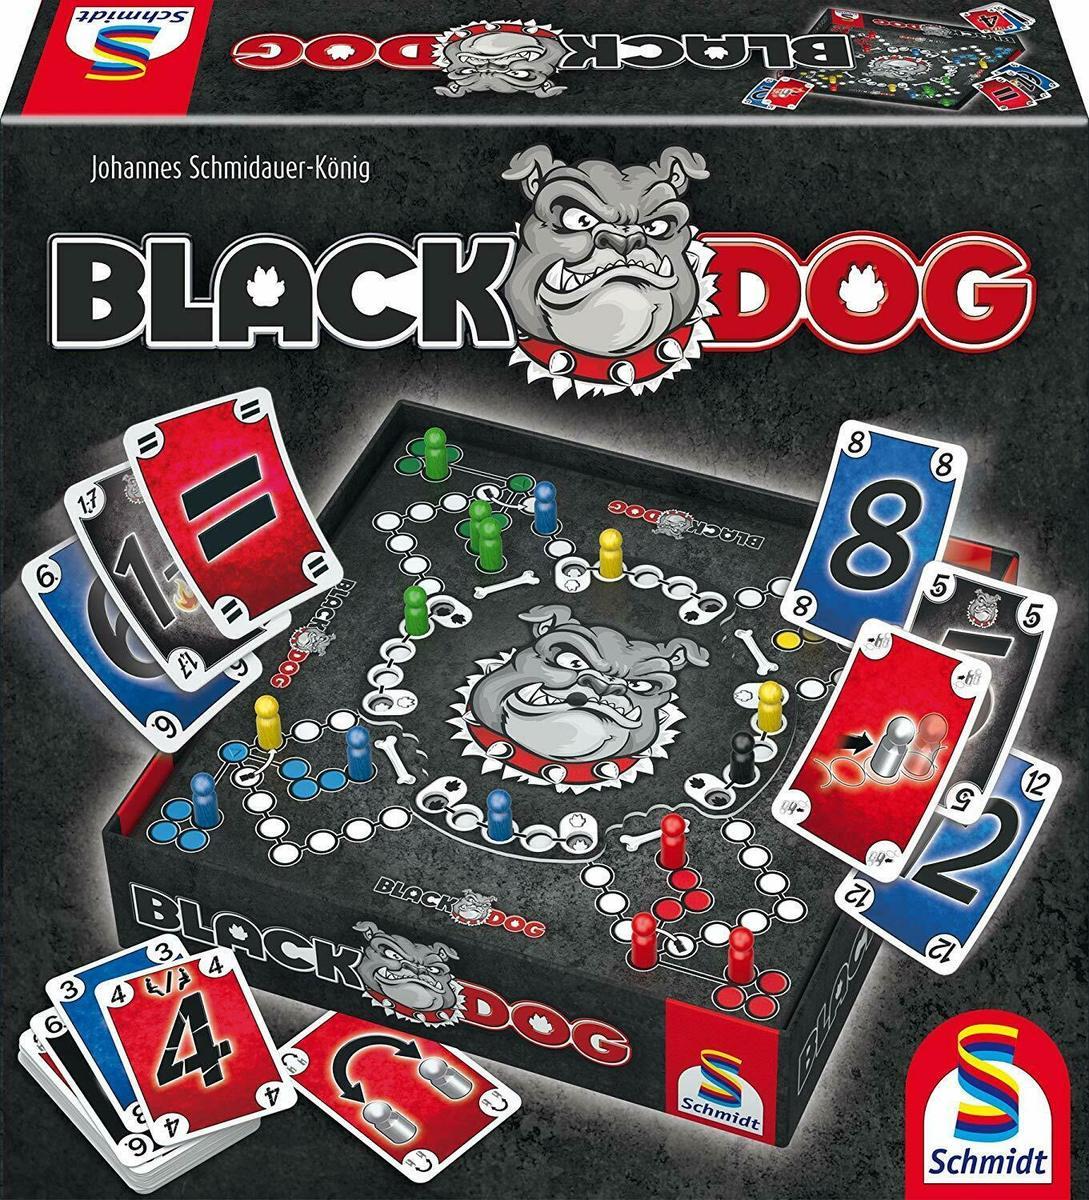 Neu eingetroffen  Schmidt Spiele 49323 Black Dog Kinderspiel Familienspiel Gesellschaftsspiel https://spar-king.com/products/schmidt-spiele-49323-black-dog-kinderspiel-familienspiel-gesellschaftsspiel… #ecommerce #onlineshop #angebotpic.twitter.com/mFckjQiwdp